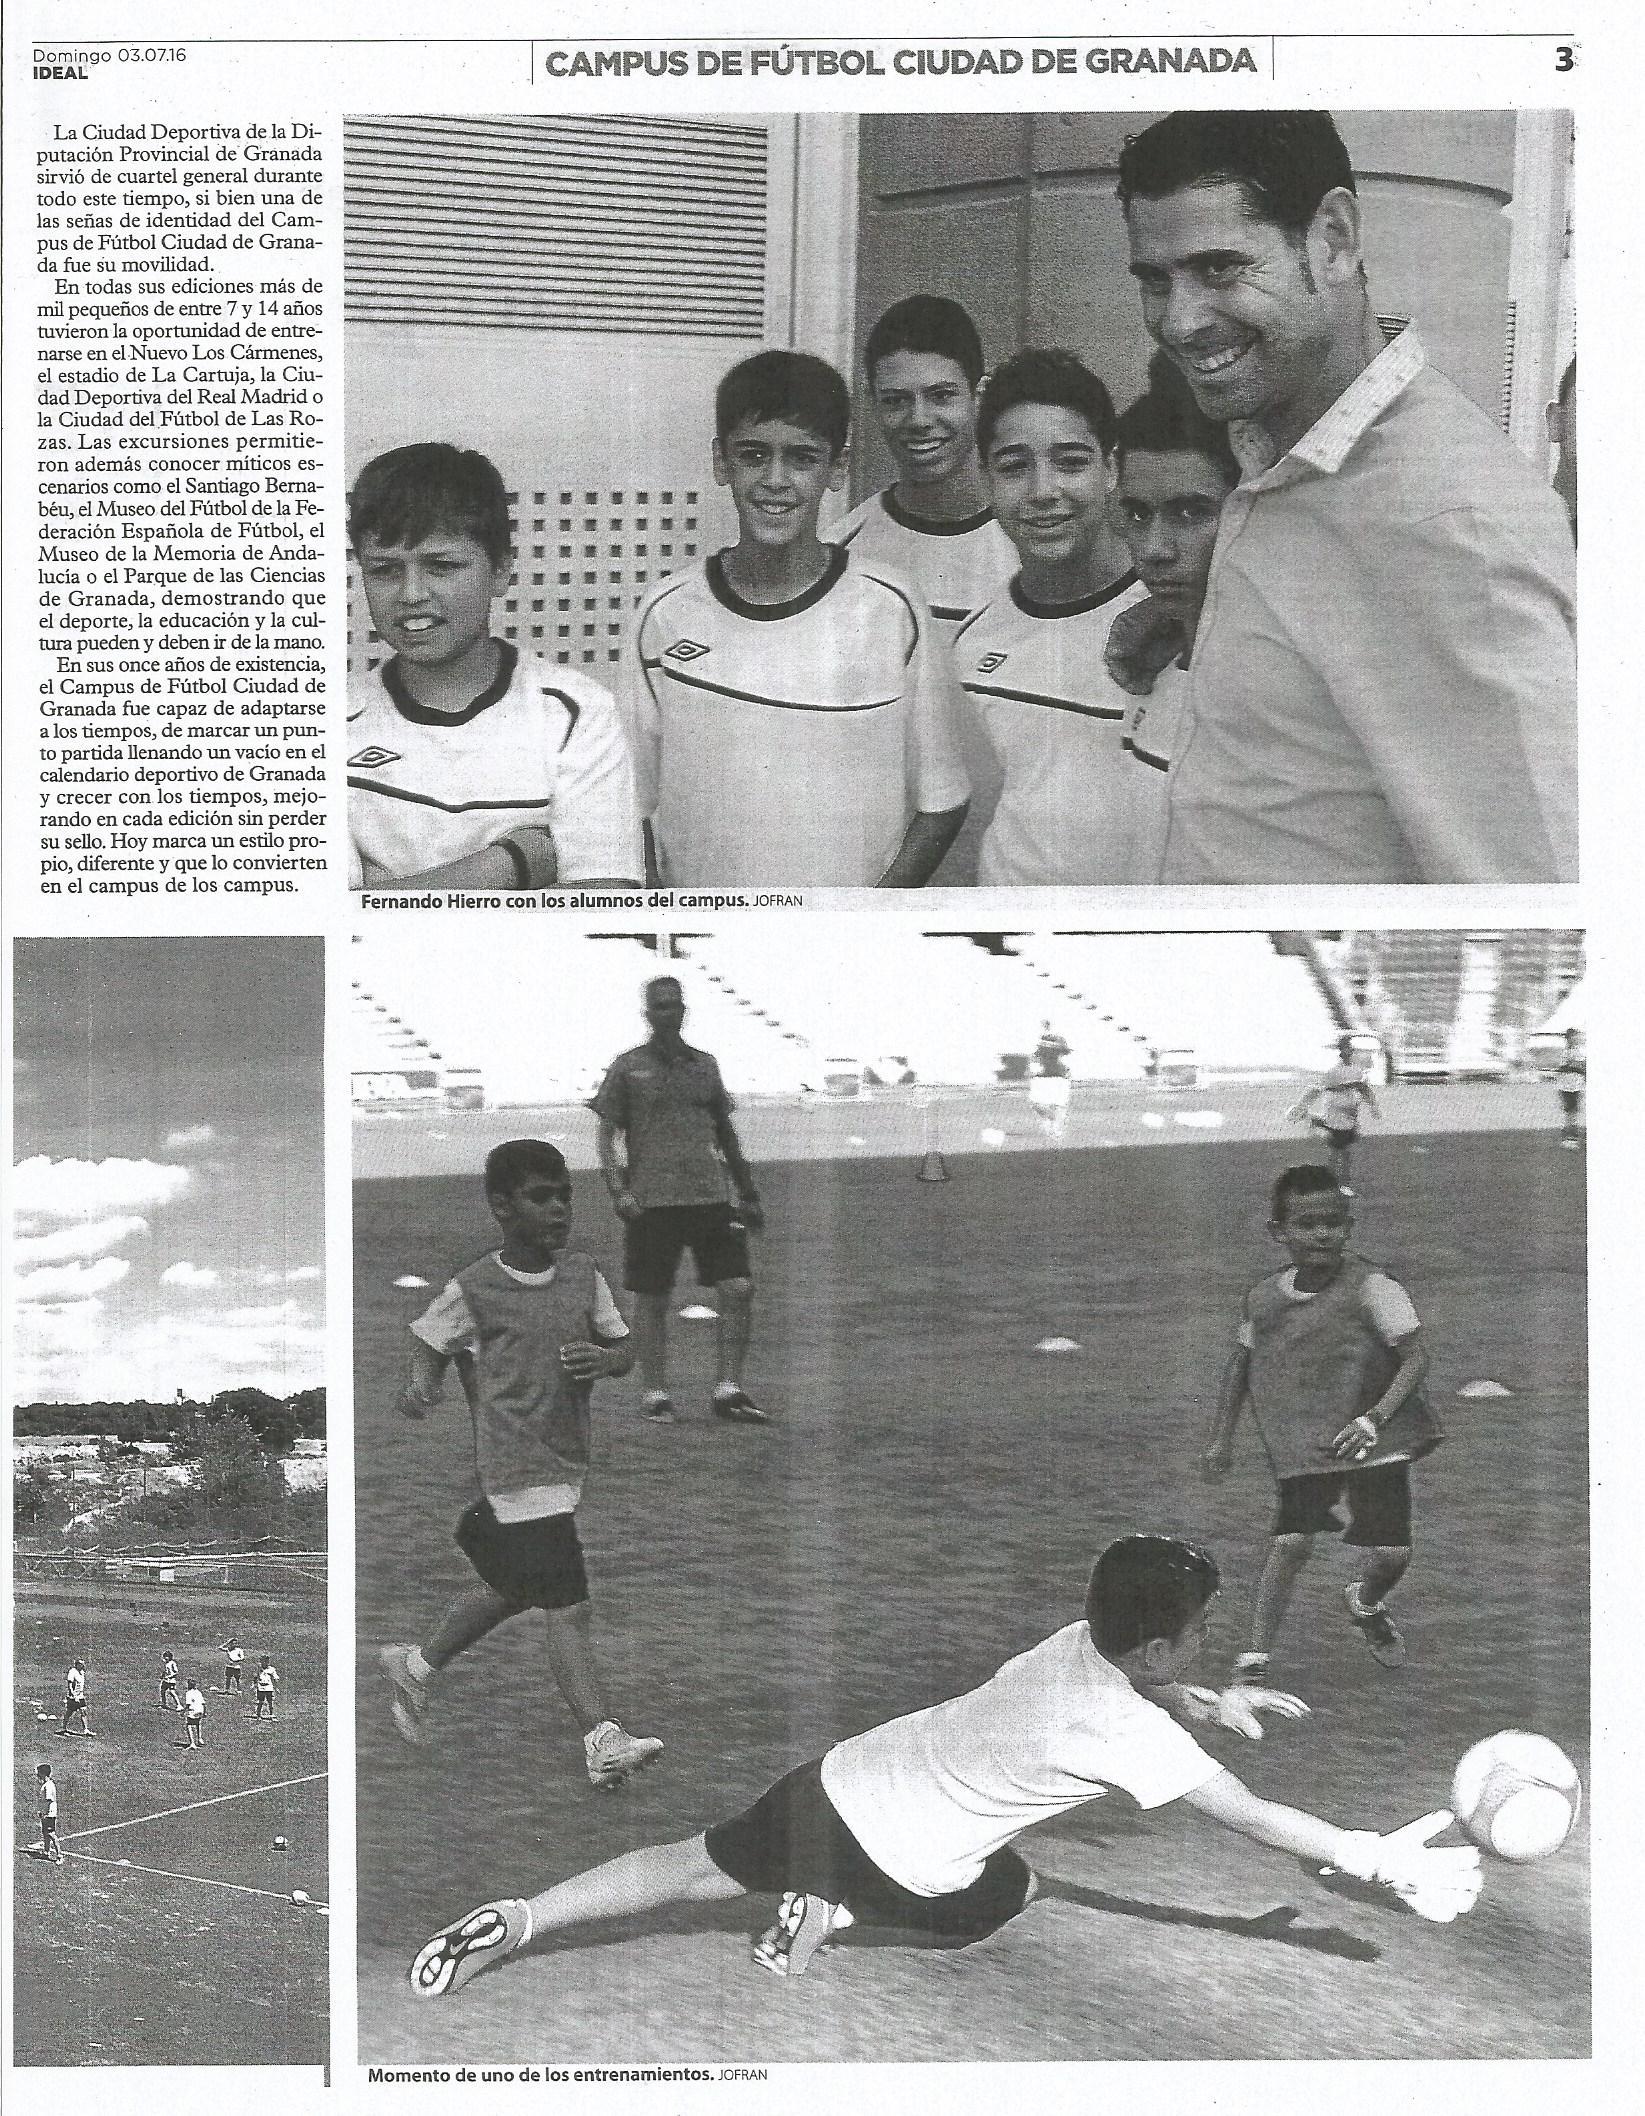 Campus de Fútbol Ciudad de Granada 3